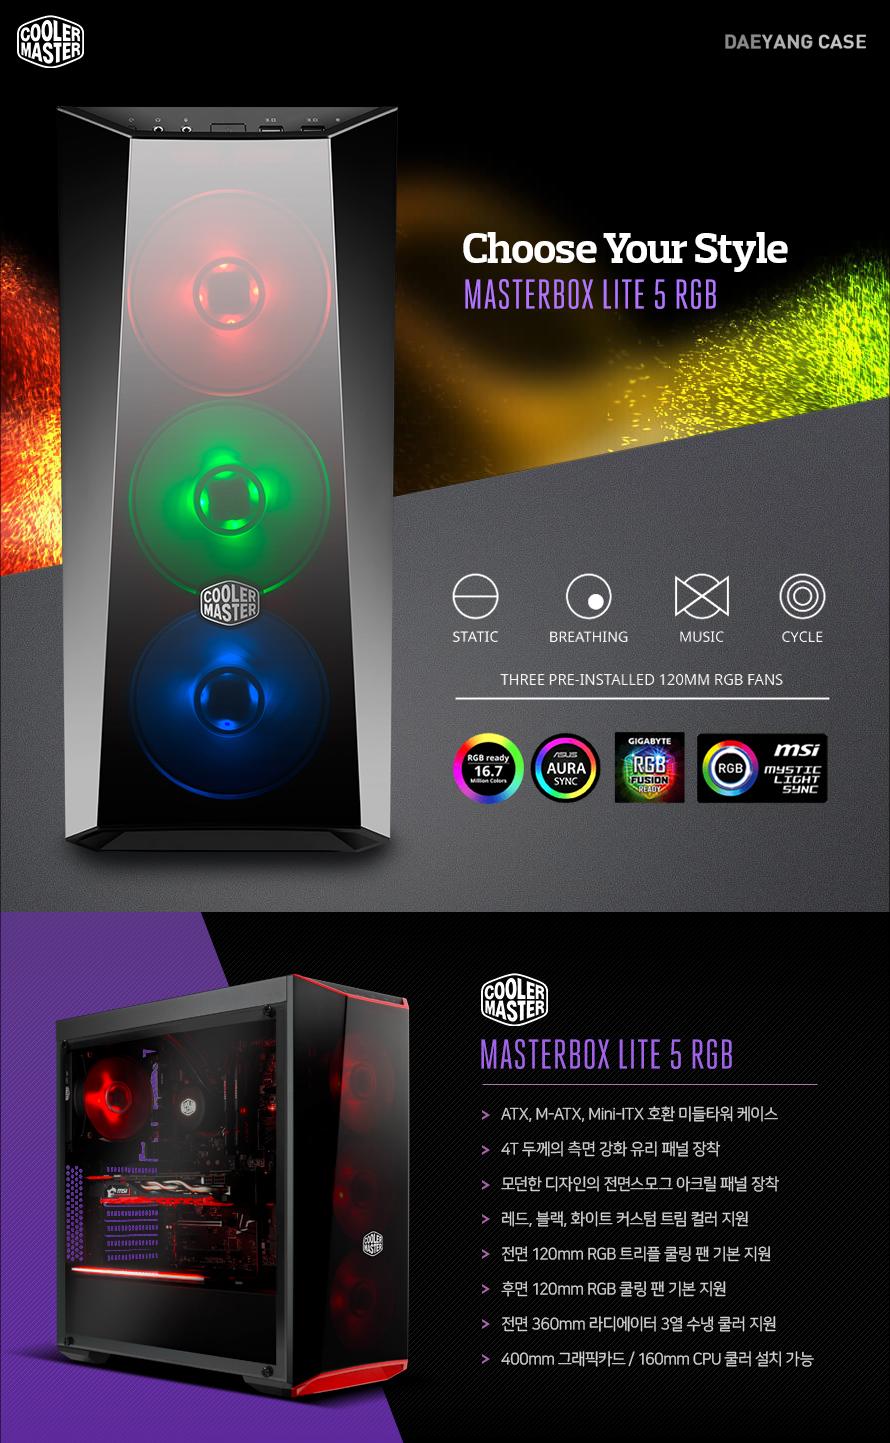 쿨러마스터 MASTERBOX LITE 5 RGBATX, M-ATX, Mini-ITX 호환 미들타워 케이스4T 두께의 측면 강화 유리 패널 장착모던한 디자인의 전면스모그 아크릴 패널 장착 레드, 블랙, 화이트 커스텀 트림 컬러 지원 전면 120mm RGB 트리플 쿨링 팬 기본 지원후면 120mm RGB 쿨링 팬 기본 지원전면 360mm 라디에이터 3열 수냉 쿨러 지원400mm 그래픽카드 / 160mm CPU 쿨러 설치 가능